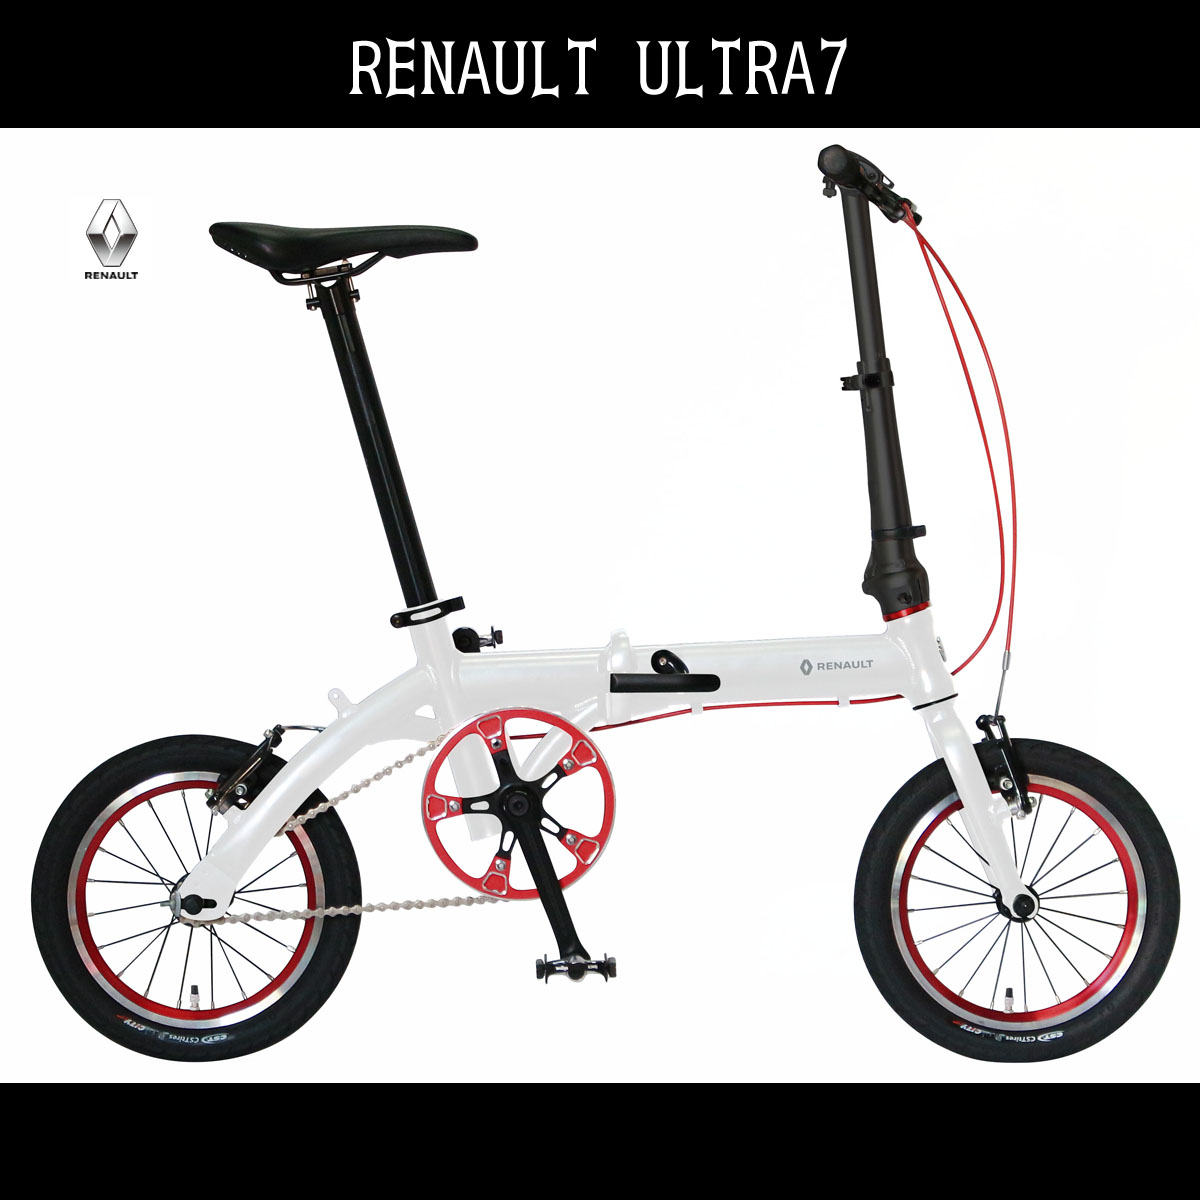 2台セット販売 折りたたみ自転車 ルノー RENAULT 自転車 ホワイト 白 14インチ 自転車 軽量 ギアなし ルノー 折りたたみ自転車 ULTRA LIGHT 7 ウルトラライトセブン アルミニウム 変速 変速なし 通販 おしゃれ